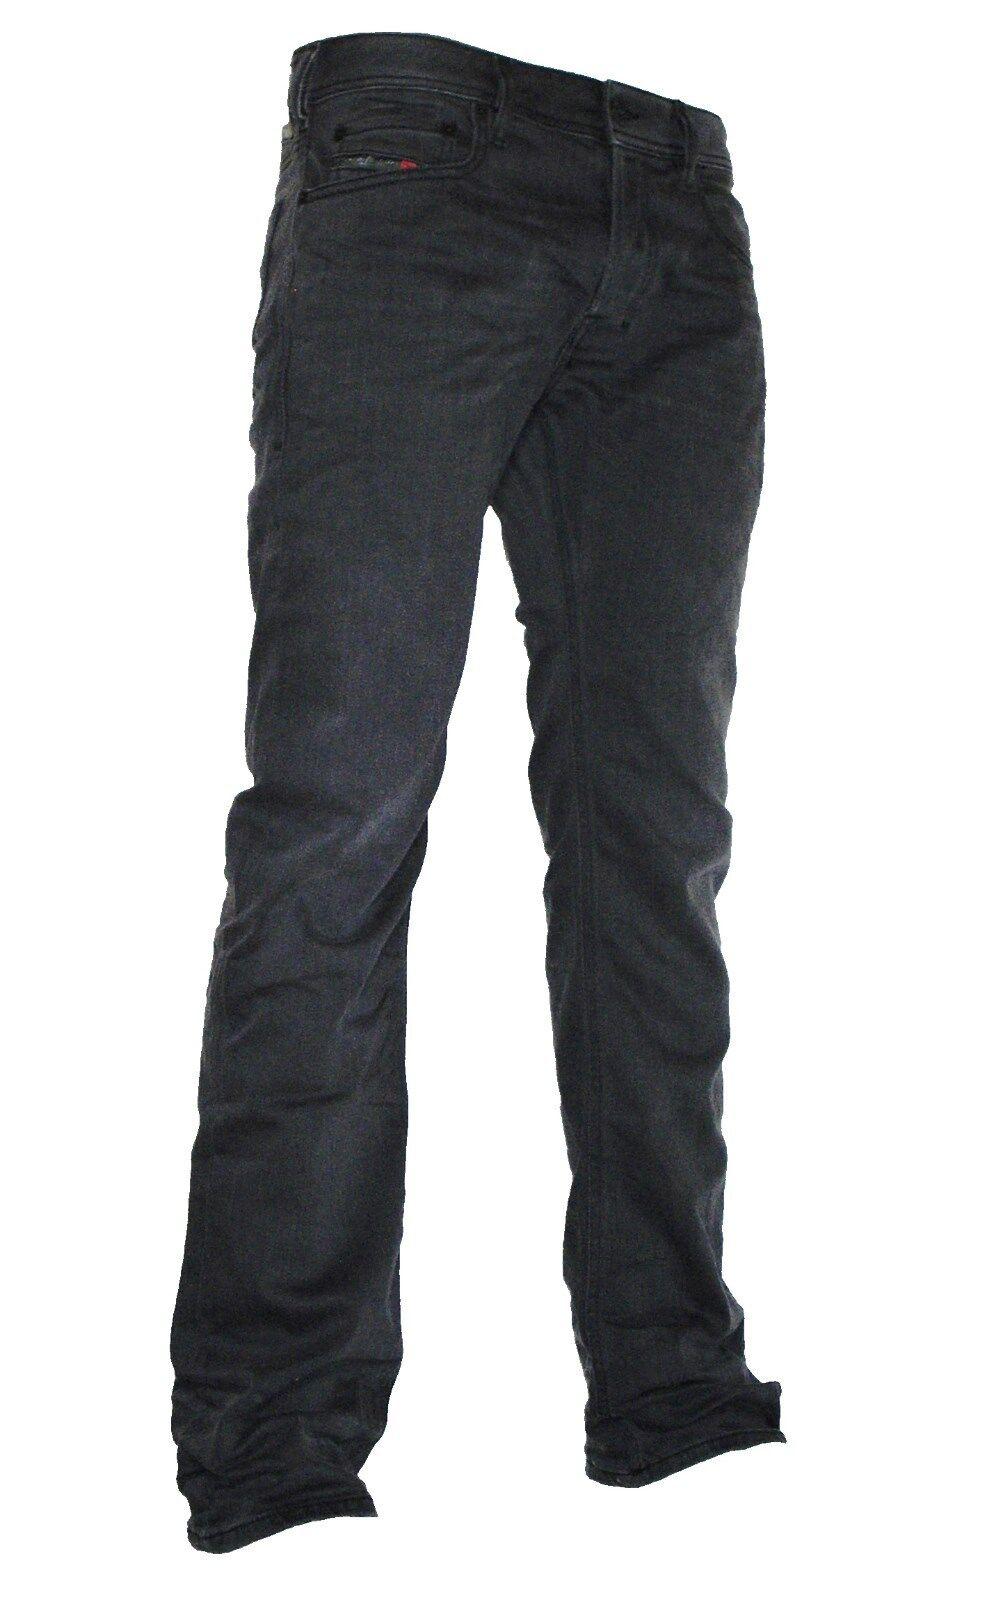 DIESEL Jeans Stretch Zatiny 0859x 0859x 0859x  avvio CUT  NERO GRIGIO NUOVO COLLEZIONE 2017 3e2ce3